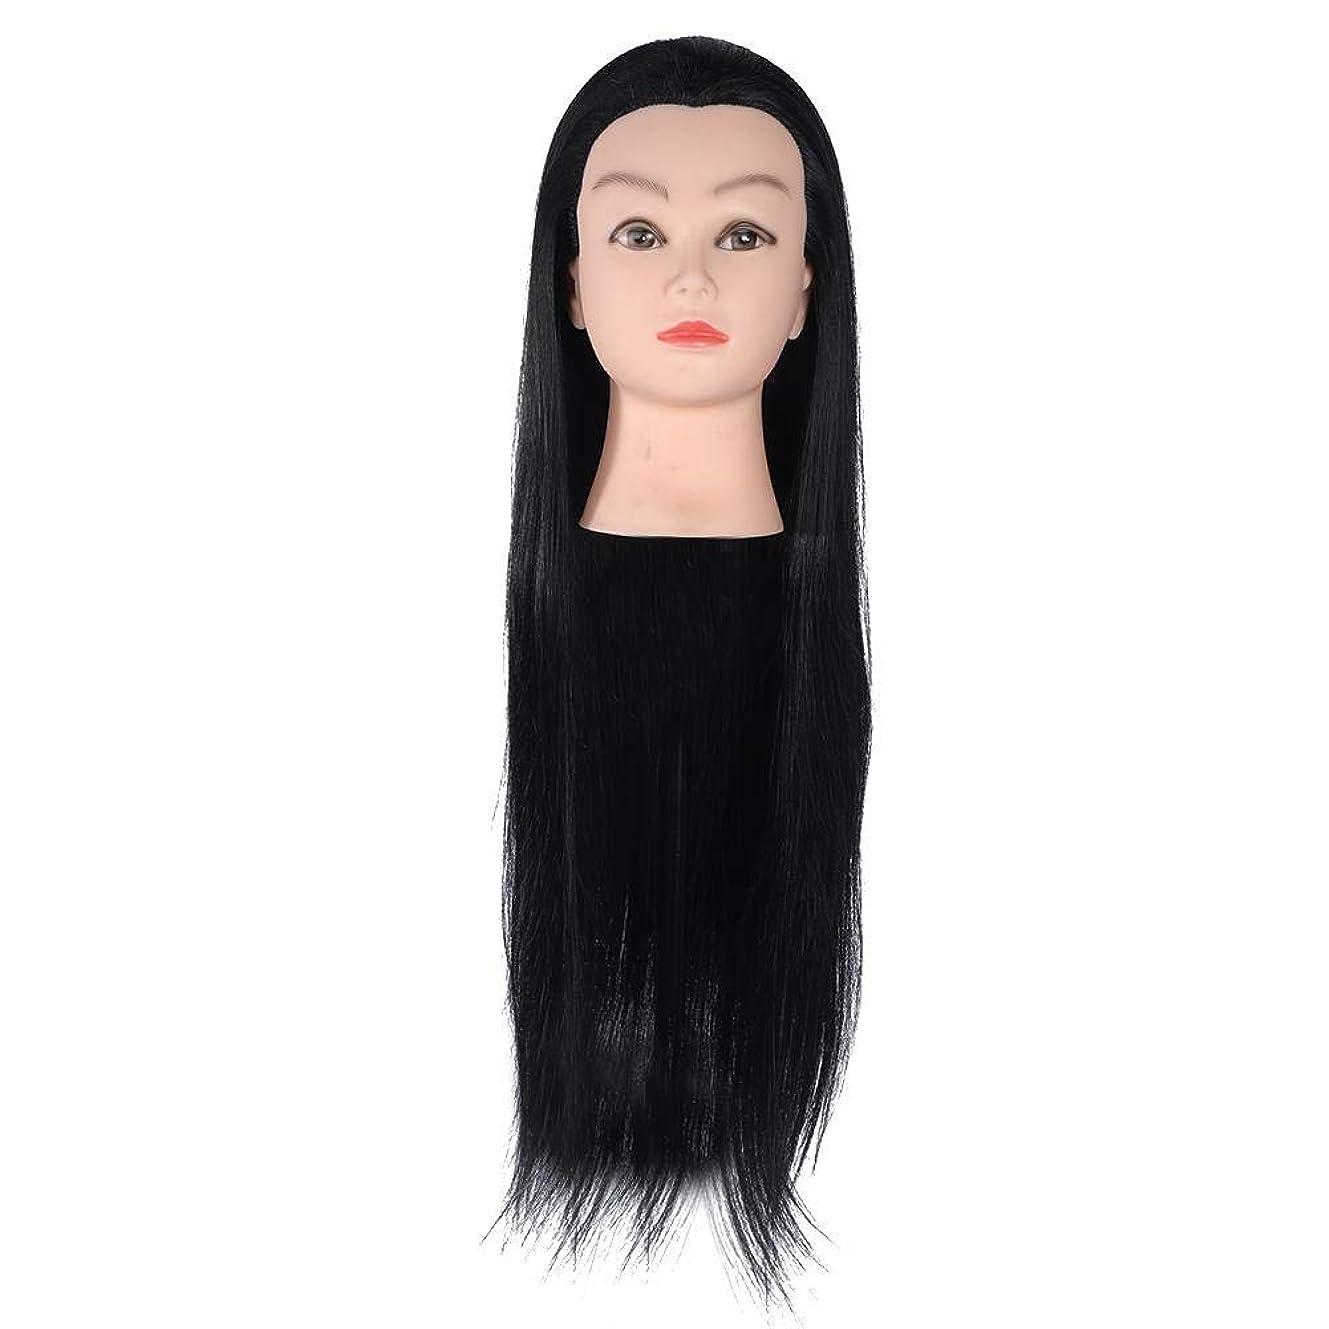 にはまって頑張る農学マネキンヘッド 人間の髪の毛のマネキンの頭 化粧理髪かつらジュエリーメガネ帽子ディスプレイ金型